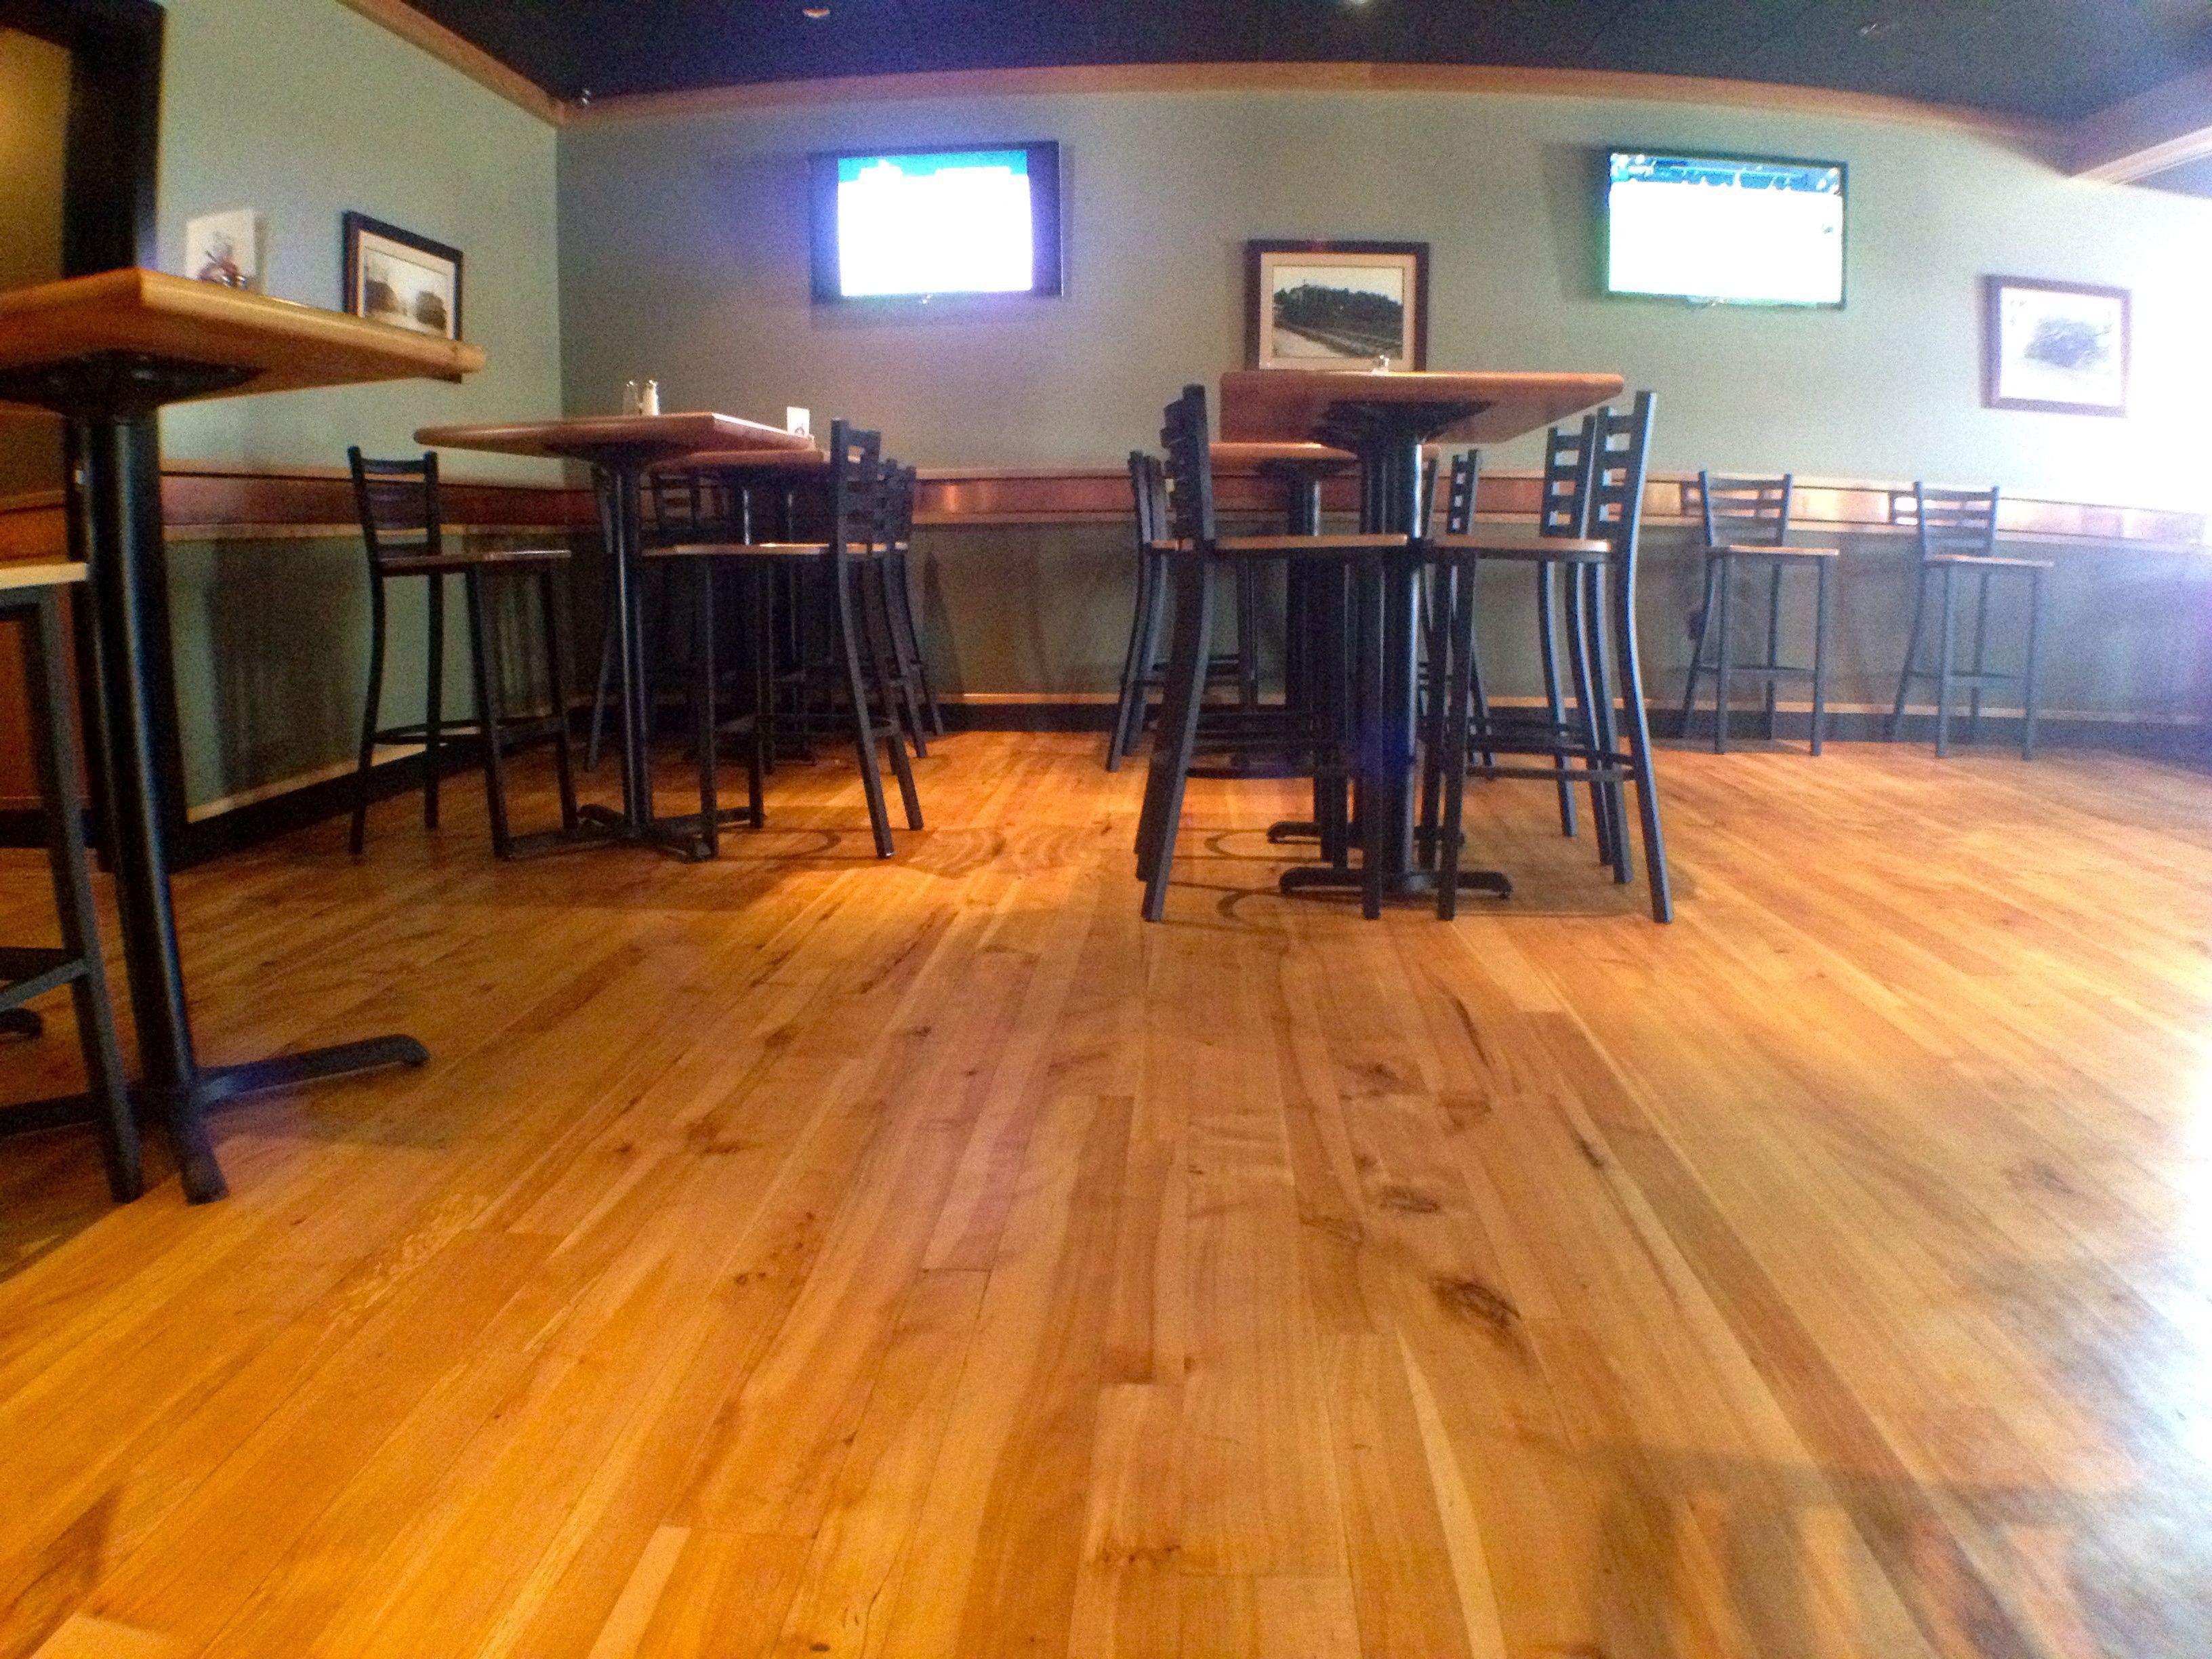 Rift & Quarter Sawn American Beech Great Floor For A